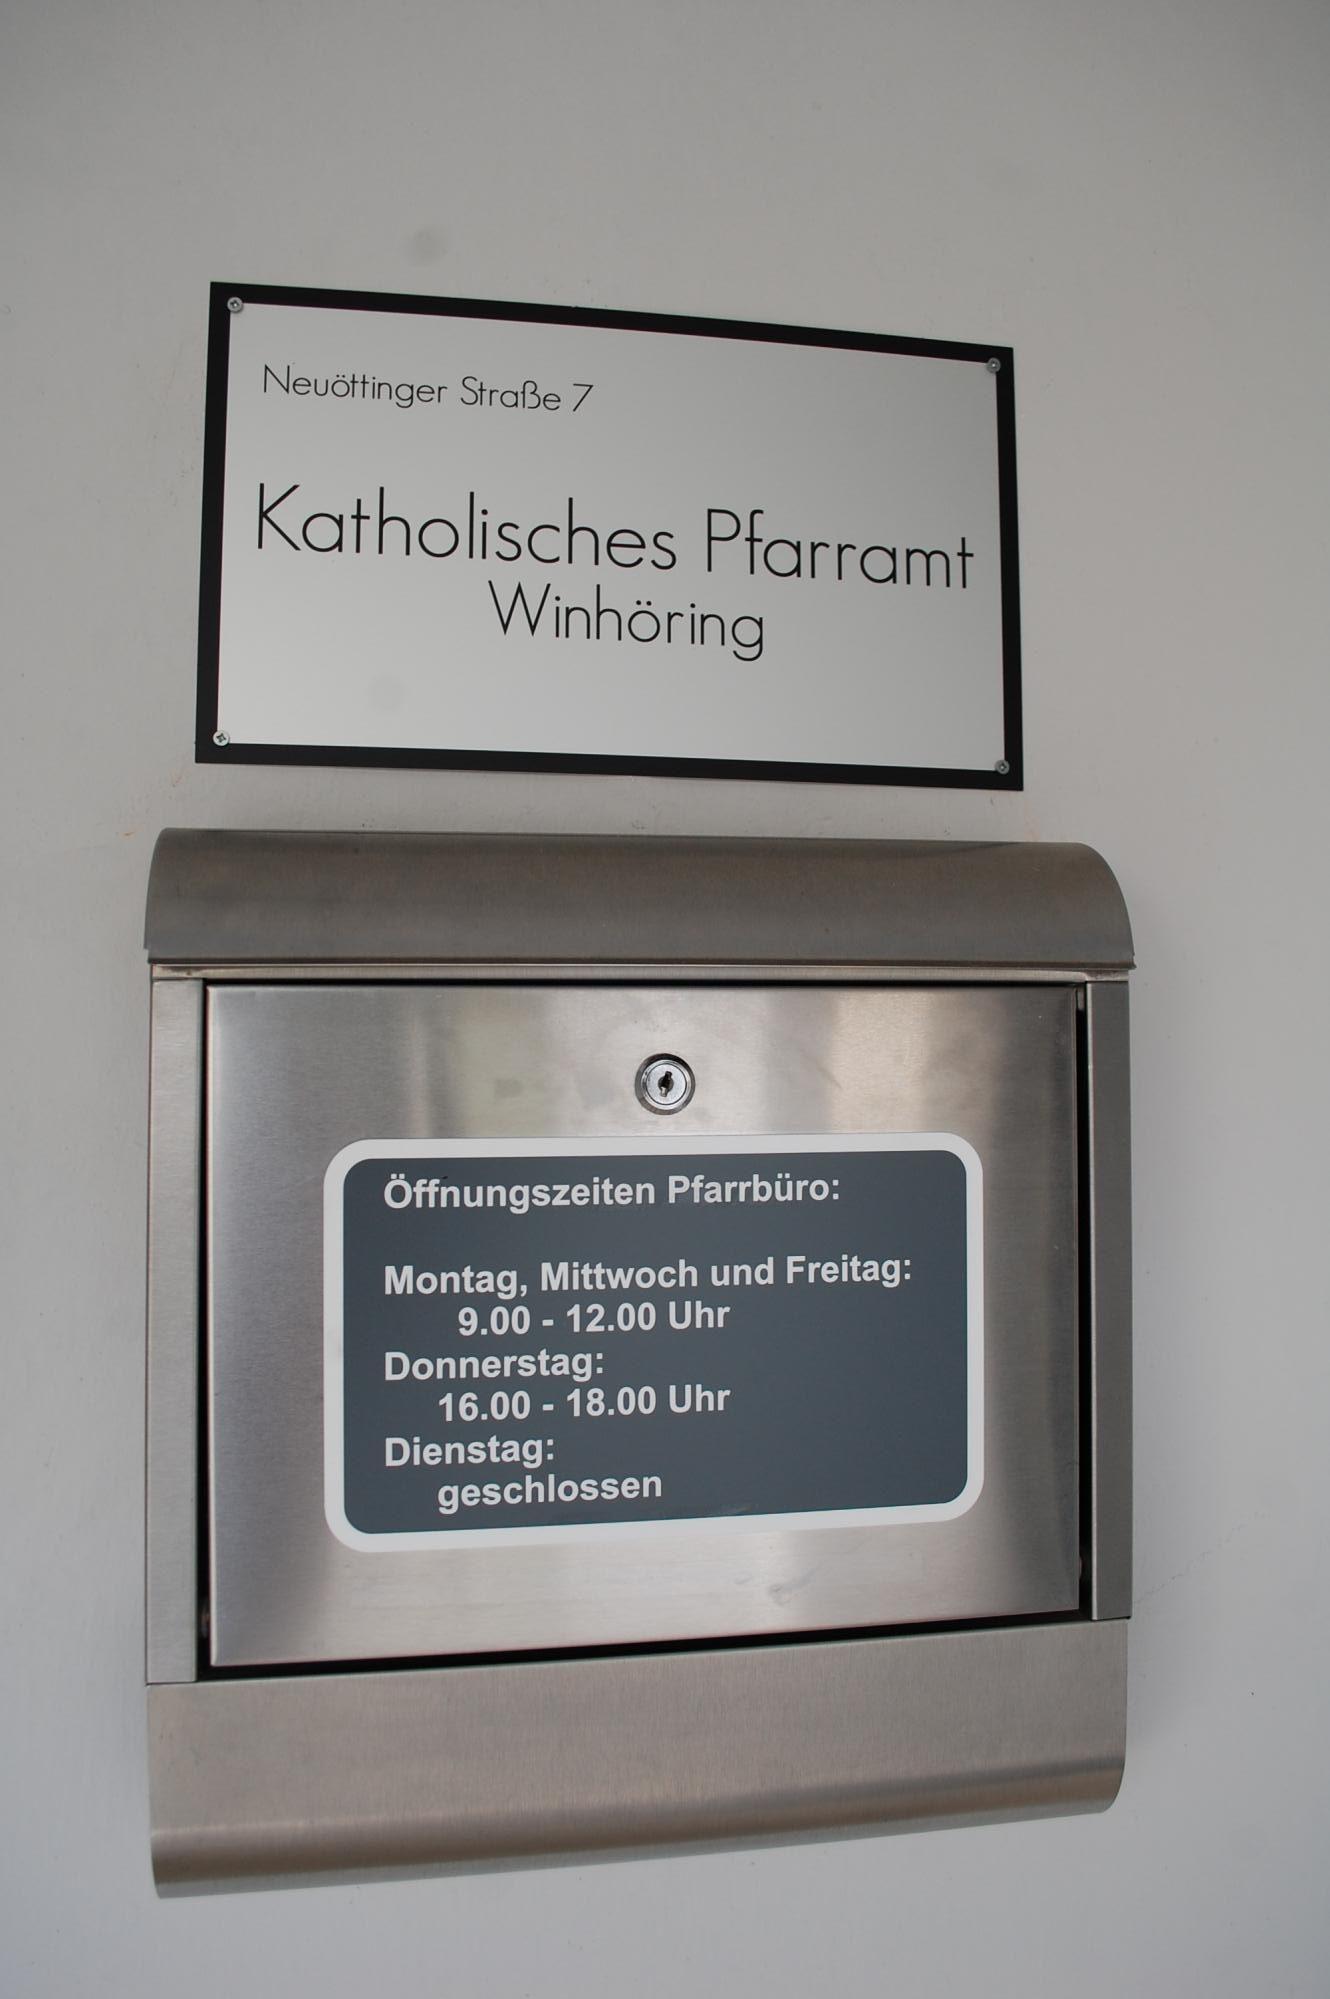 Briefkasten Winhöring